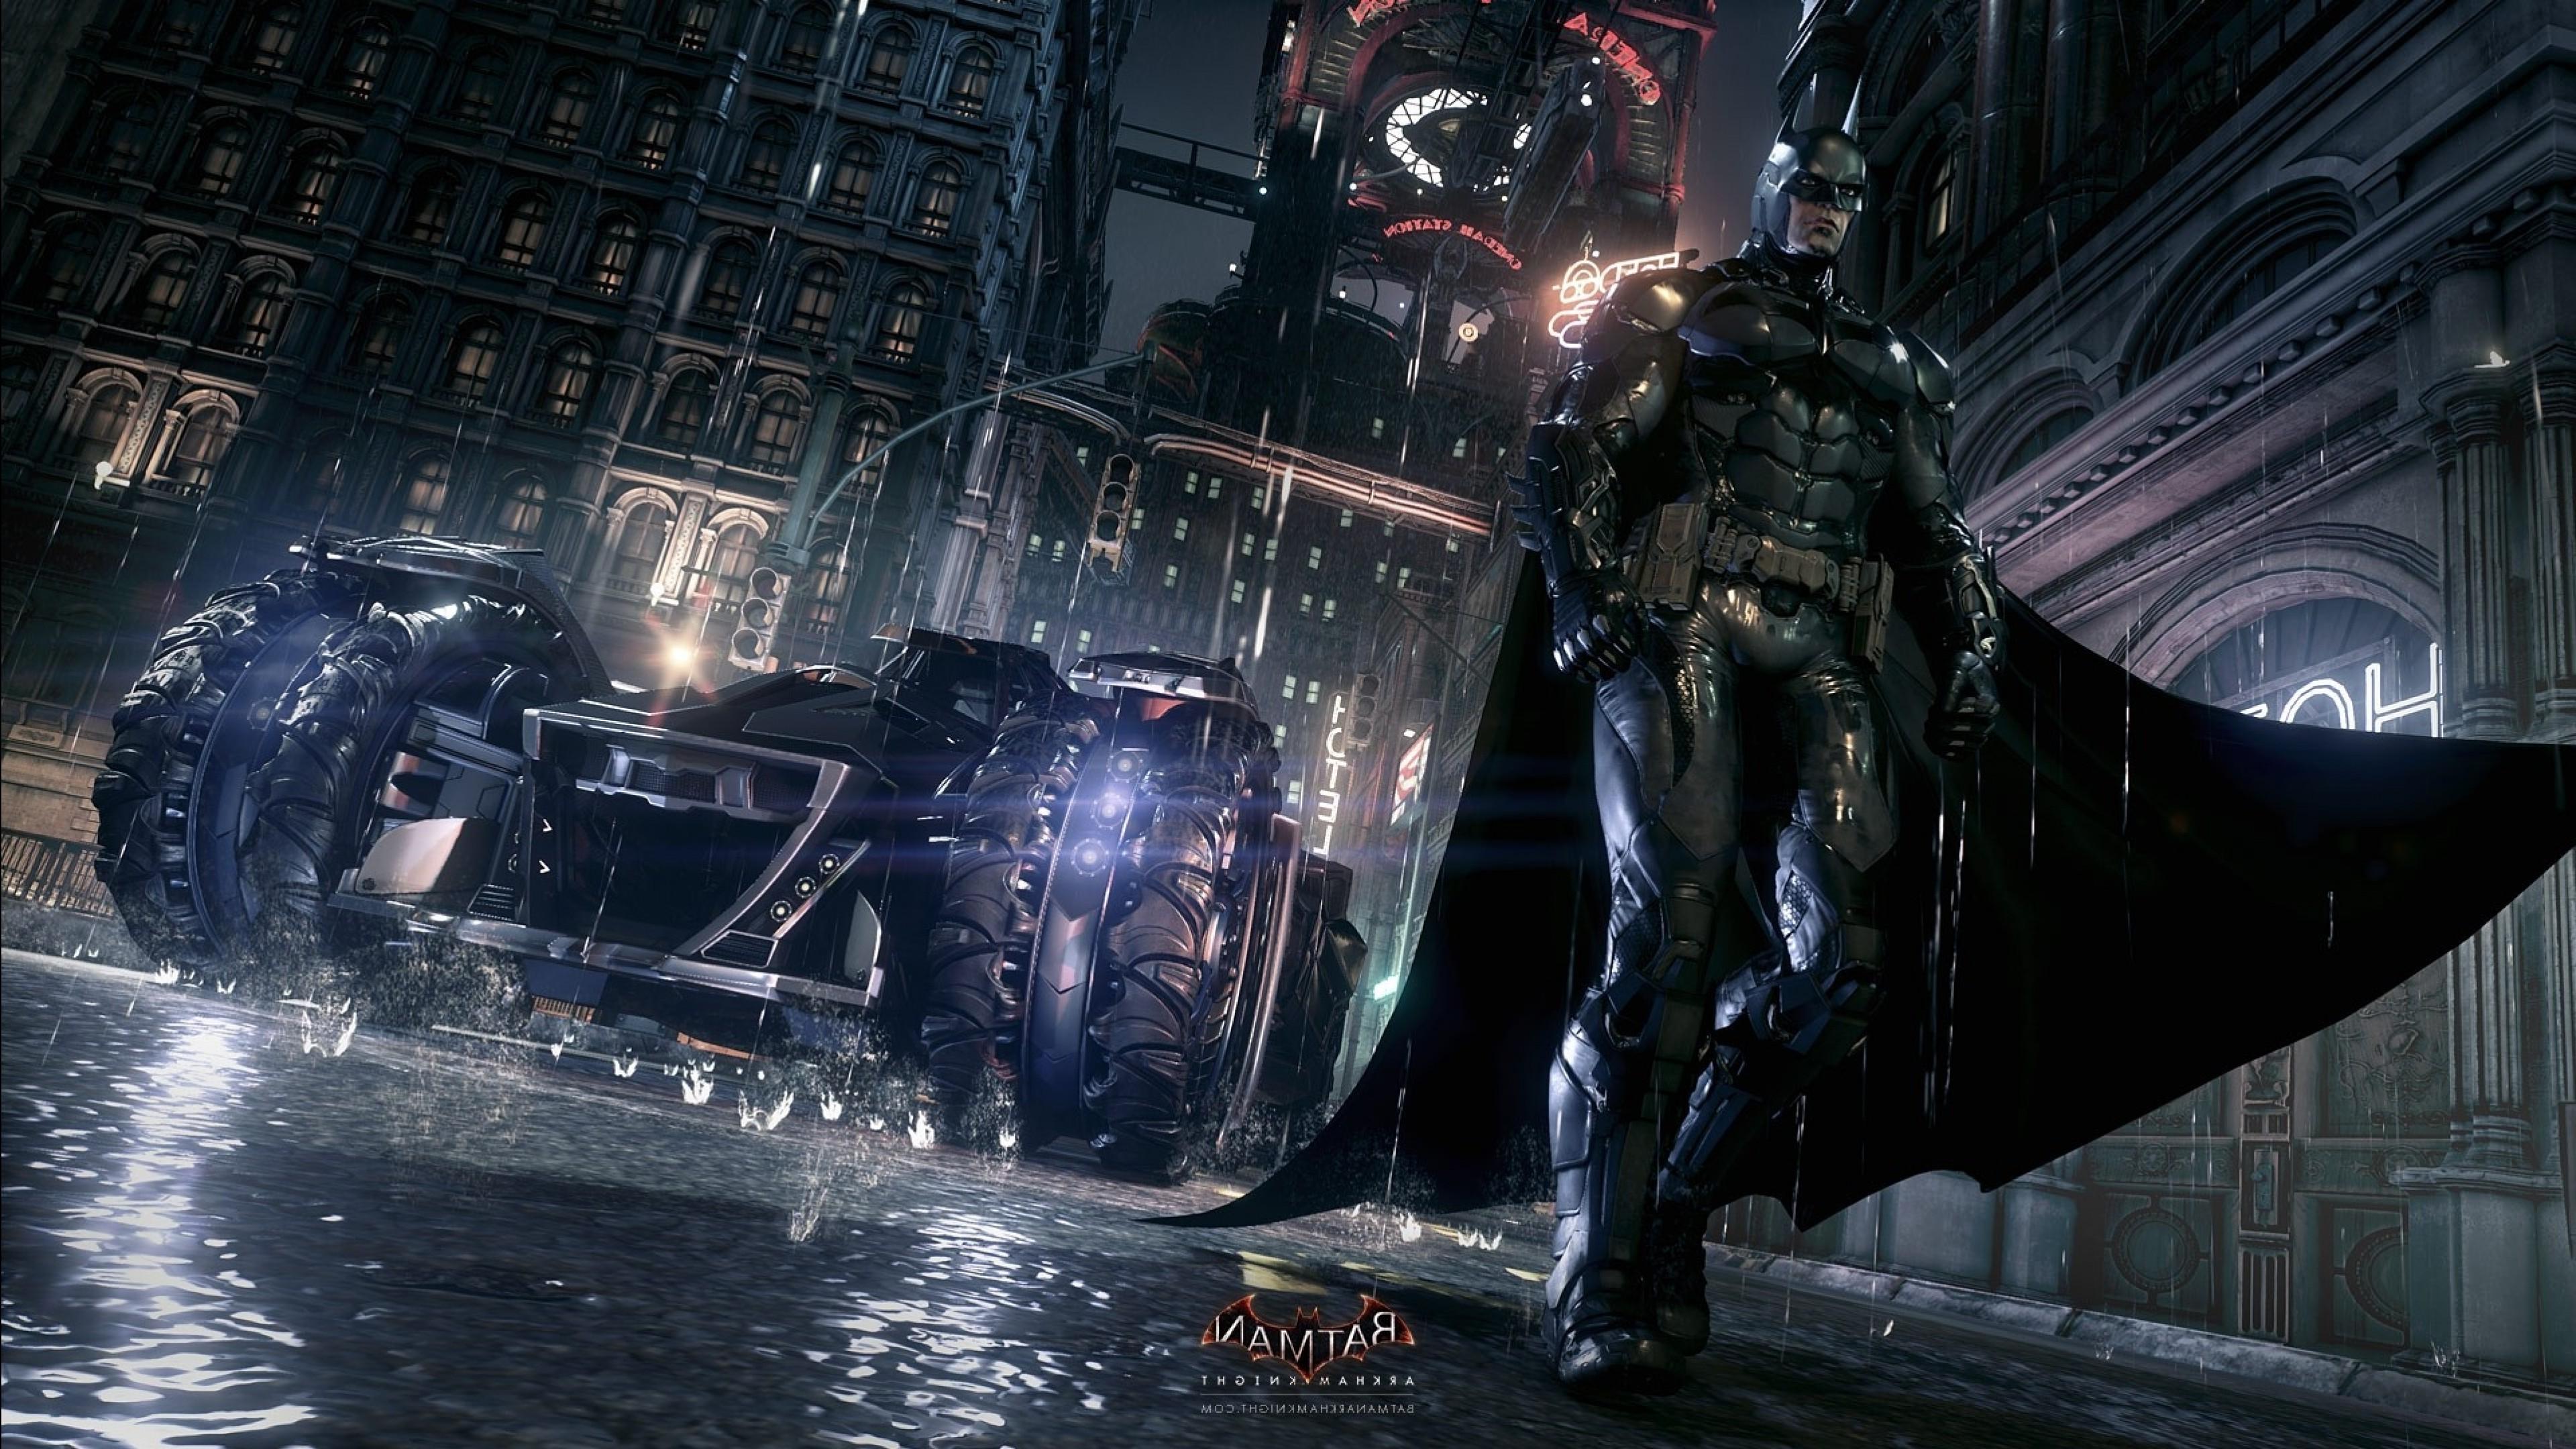 Скачать игру batman arkham knight на компьютер